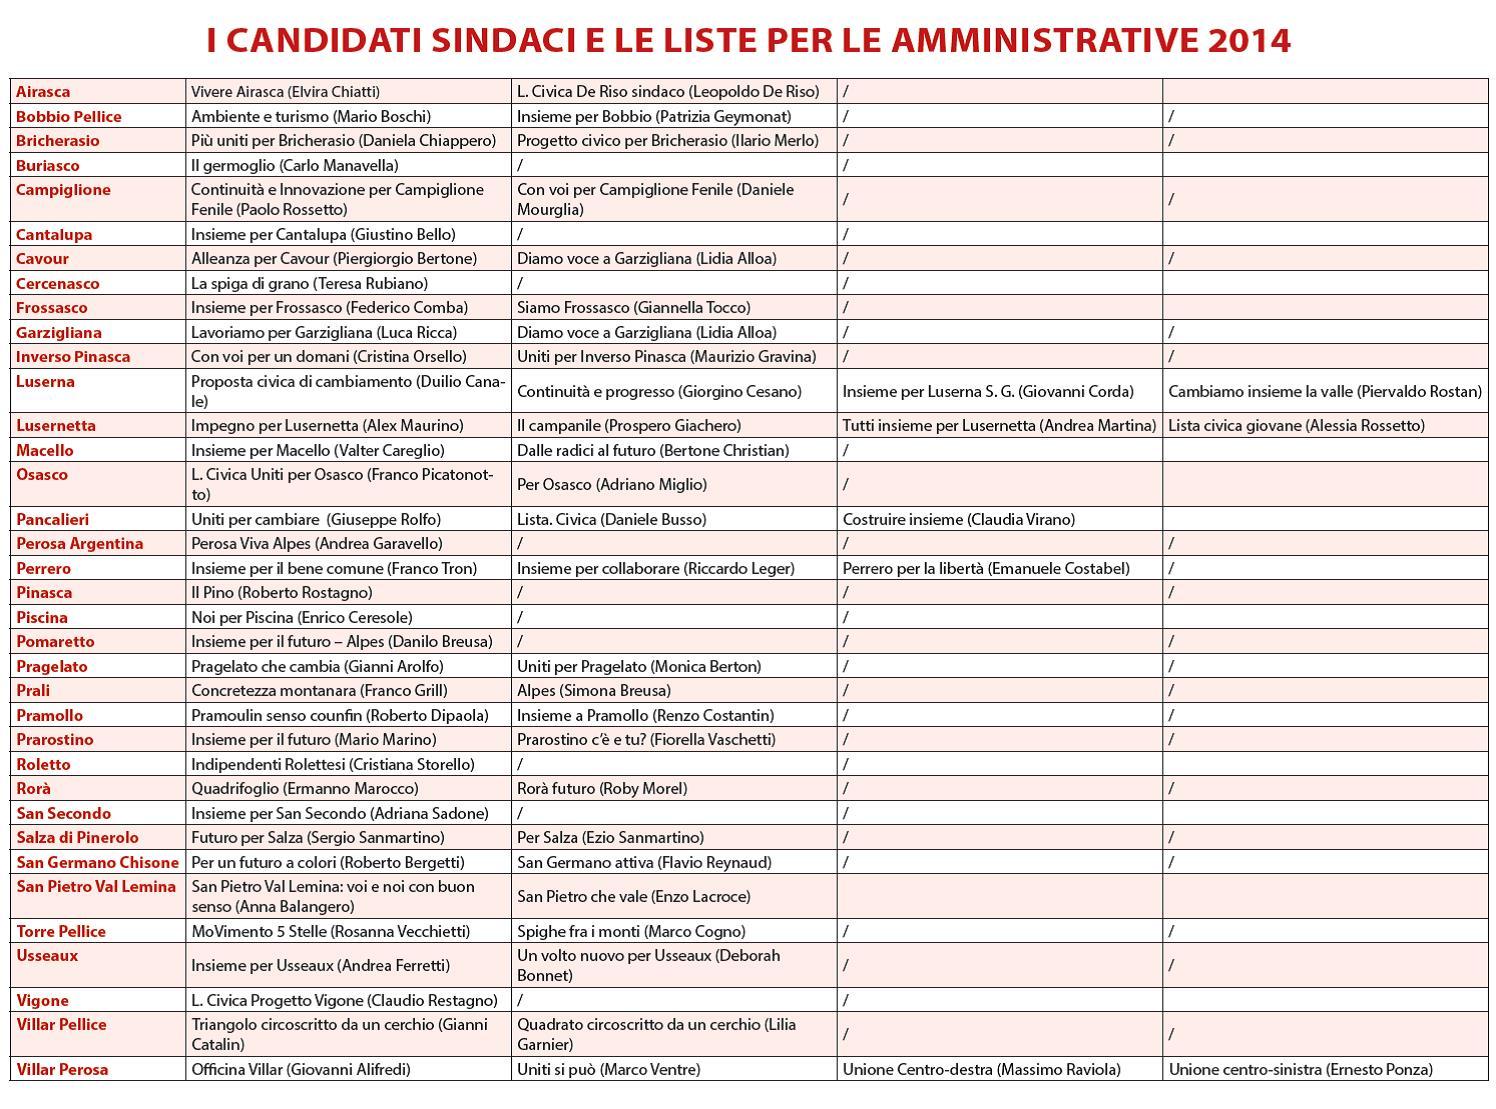 Undici comuni al voto in Val Pellice: in tutti almeno due liste